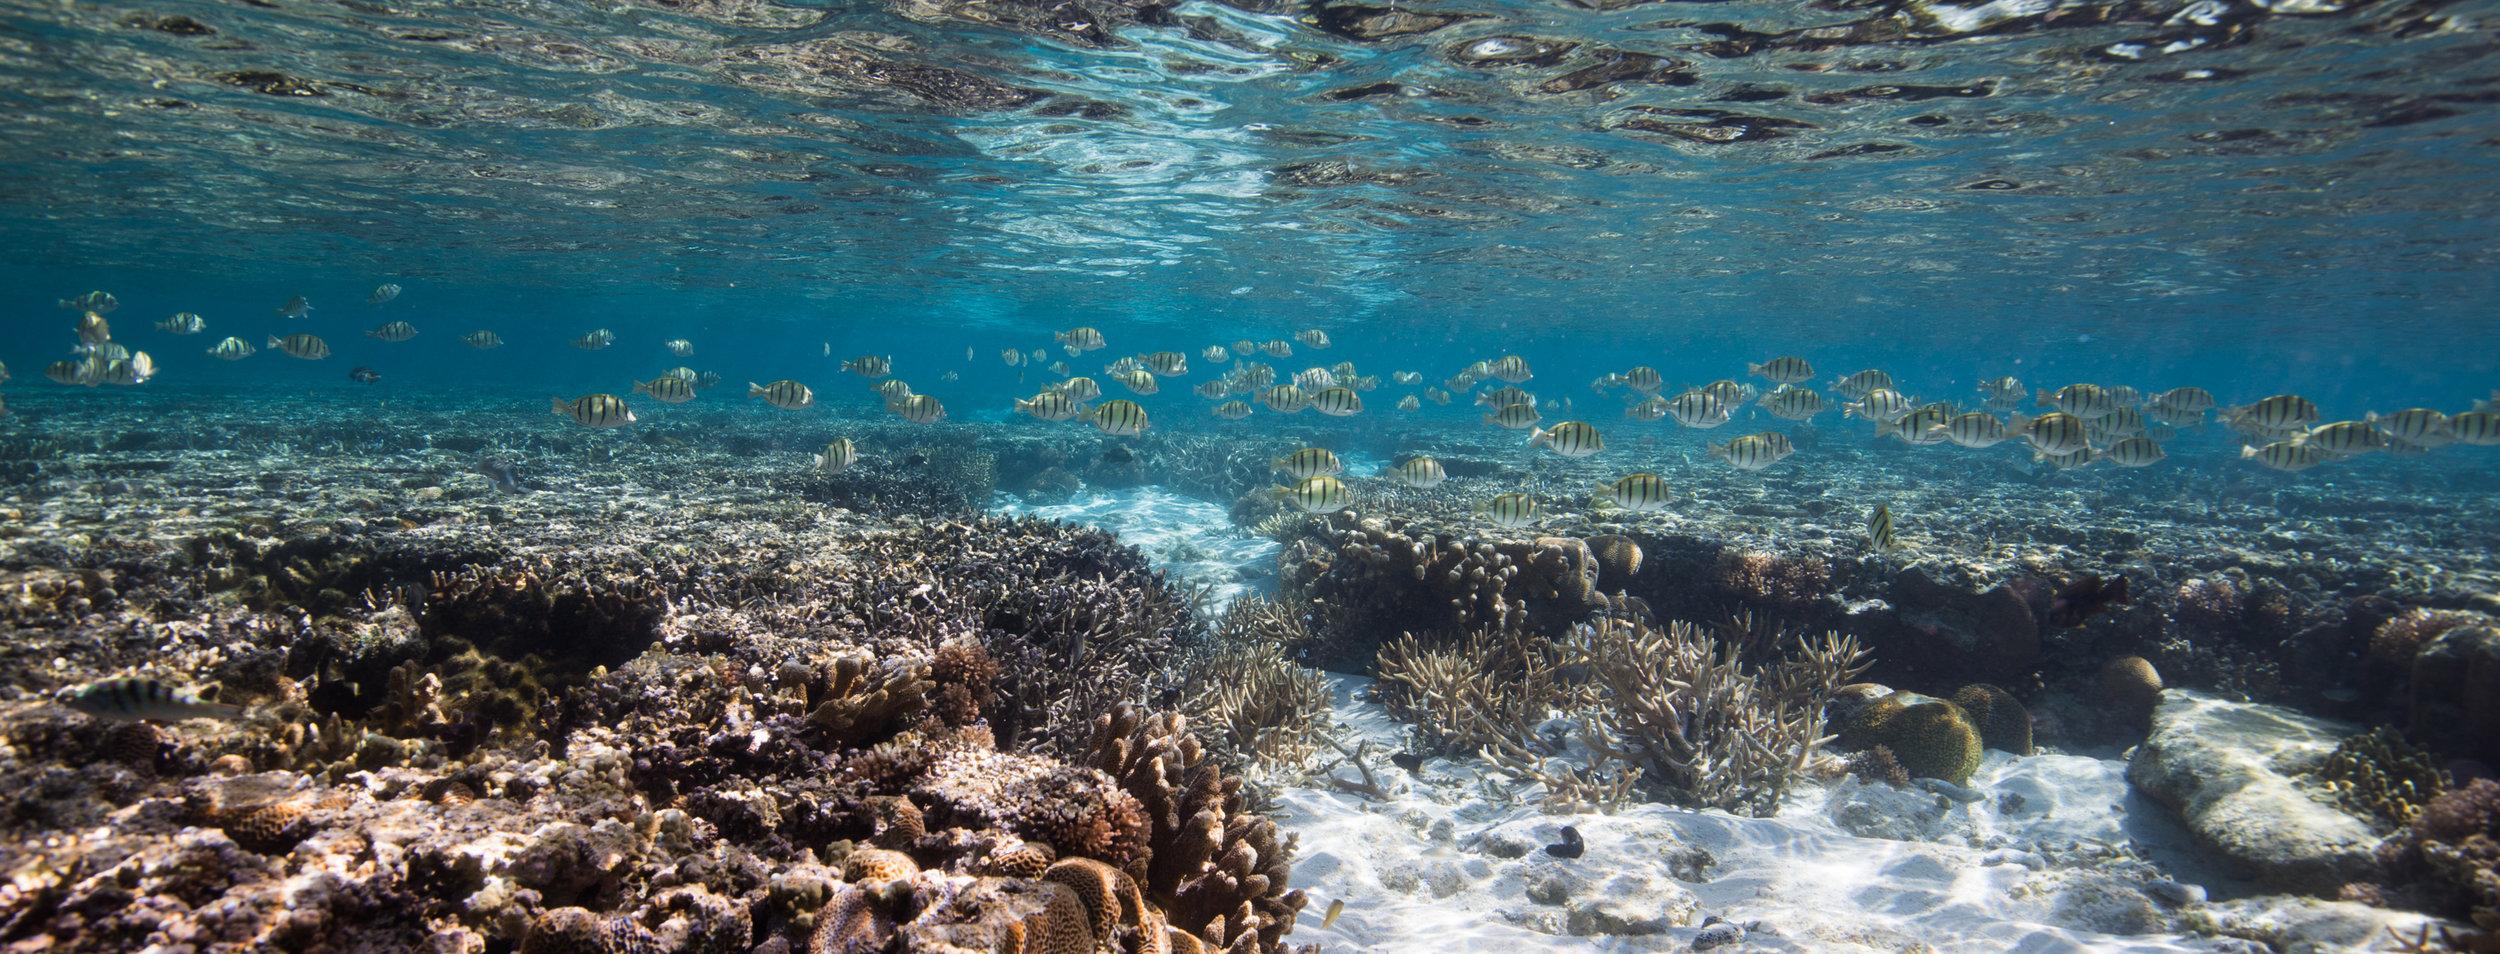 Great Barrier Reef, July 2017.